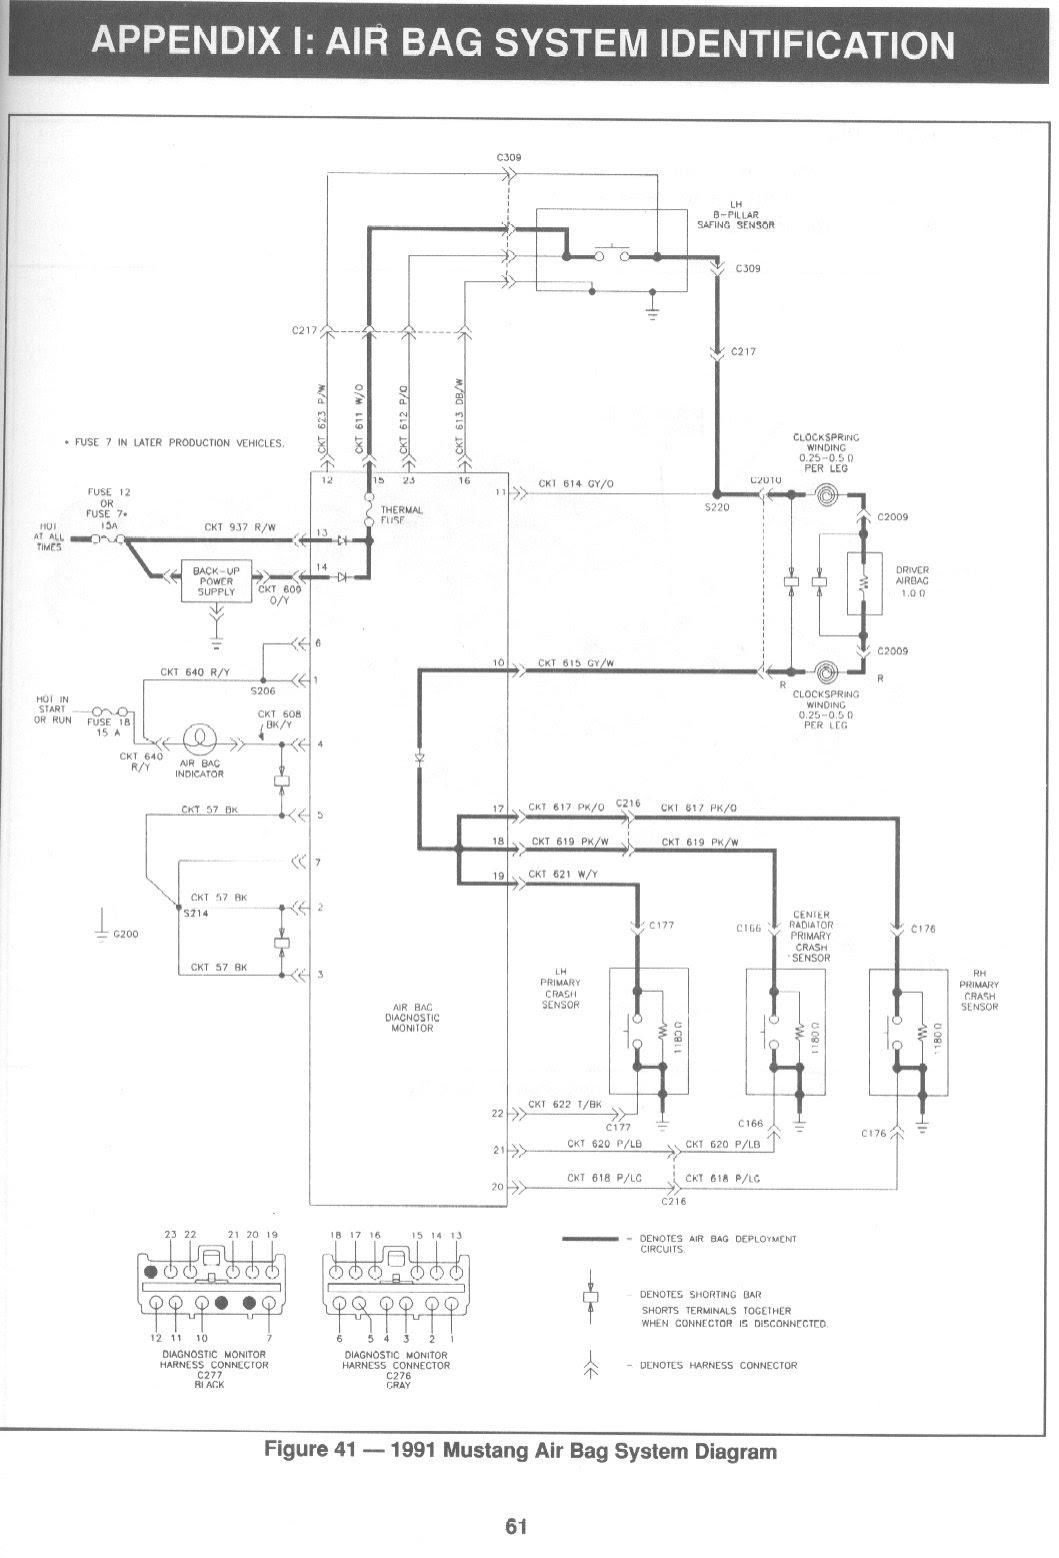 1991 Ford Mustang Wiring Diagrams 2013 600 Polaris Rmk Wiring Diagram Pontiacs Diau Tiralarc Bretagne Fr